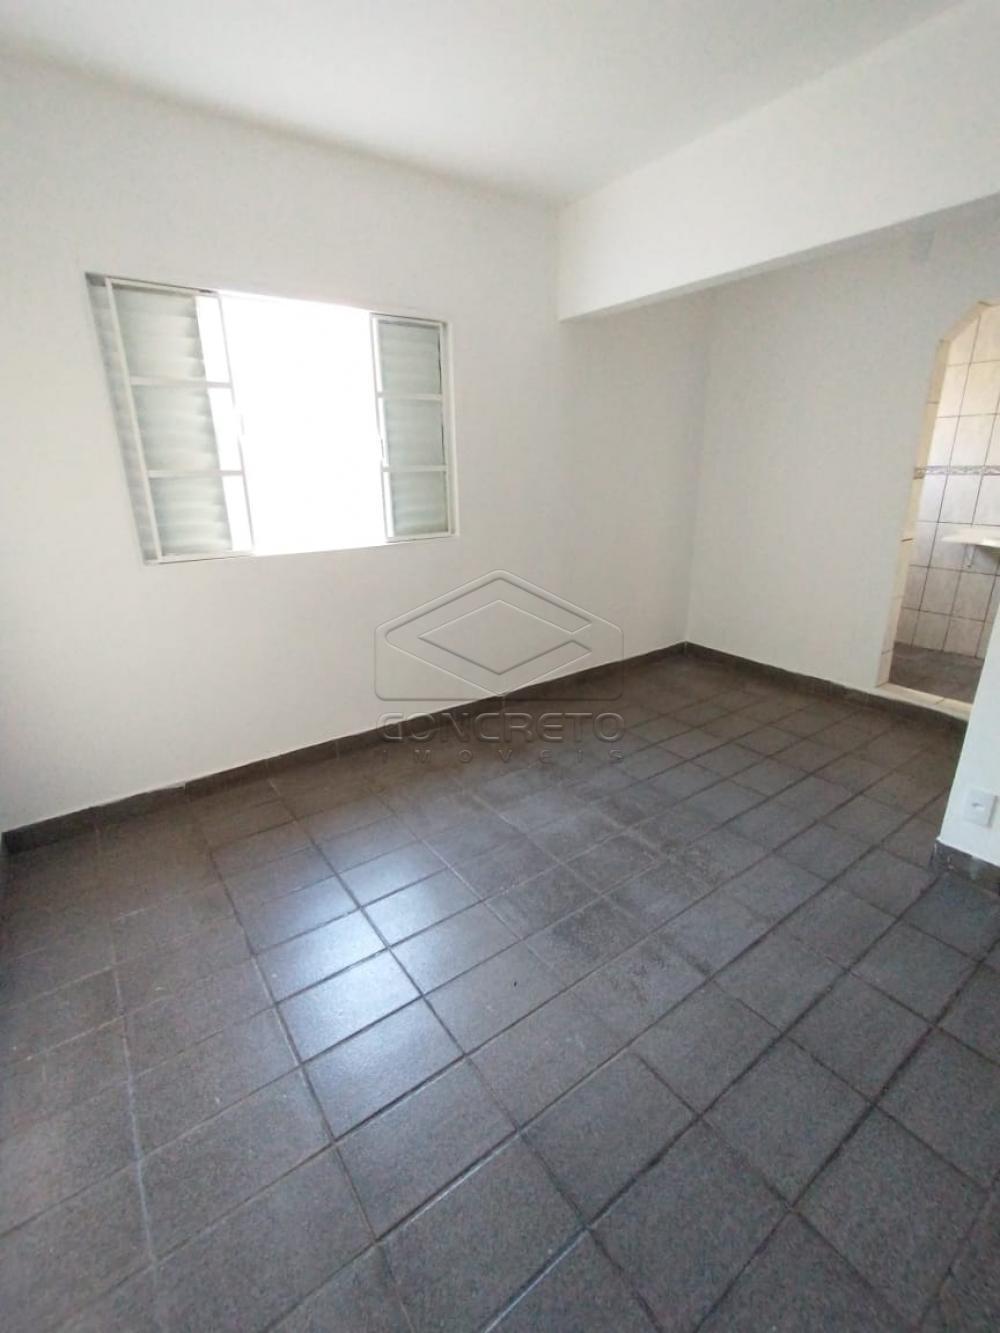 Alugar Casa / Padrão em Bauru apenas R$ 1.000,00 - Foto 11